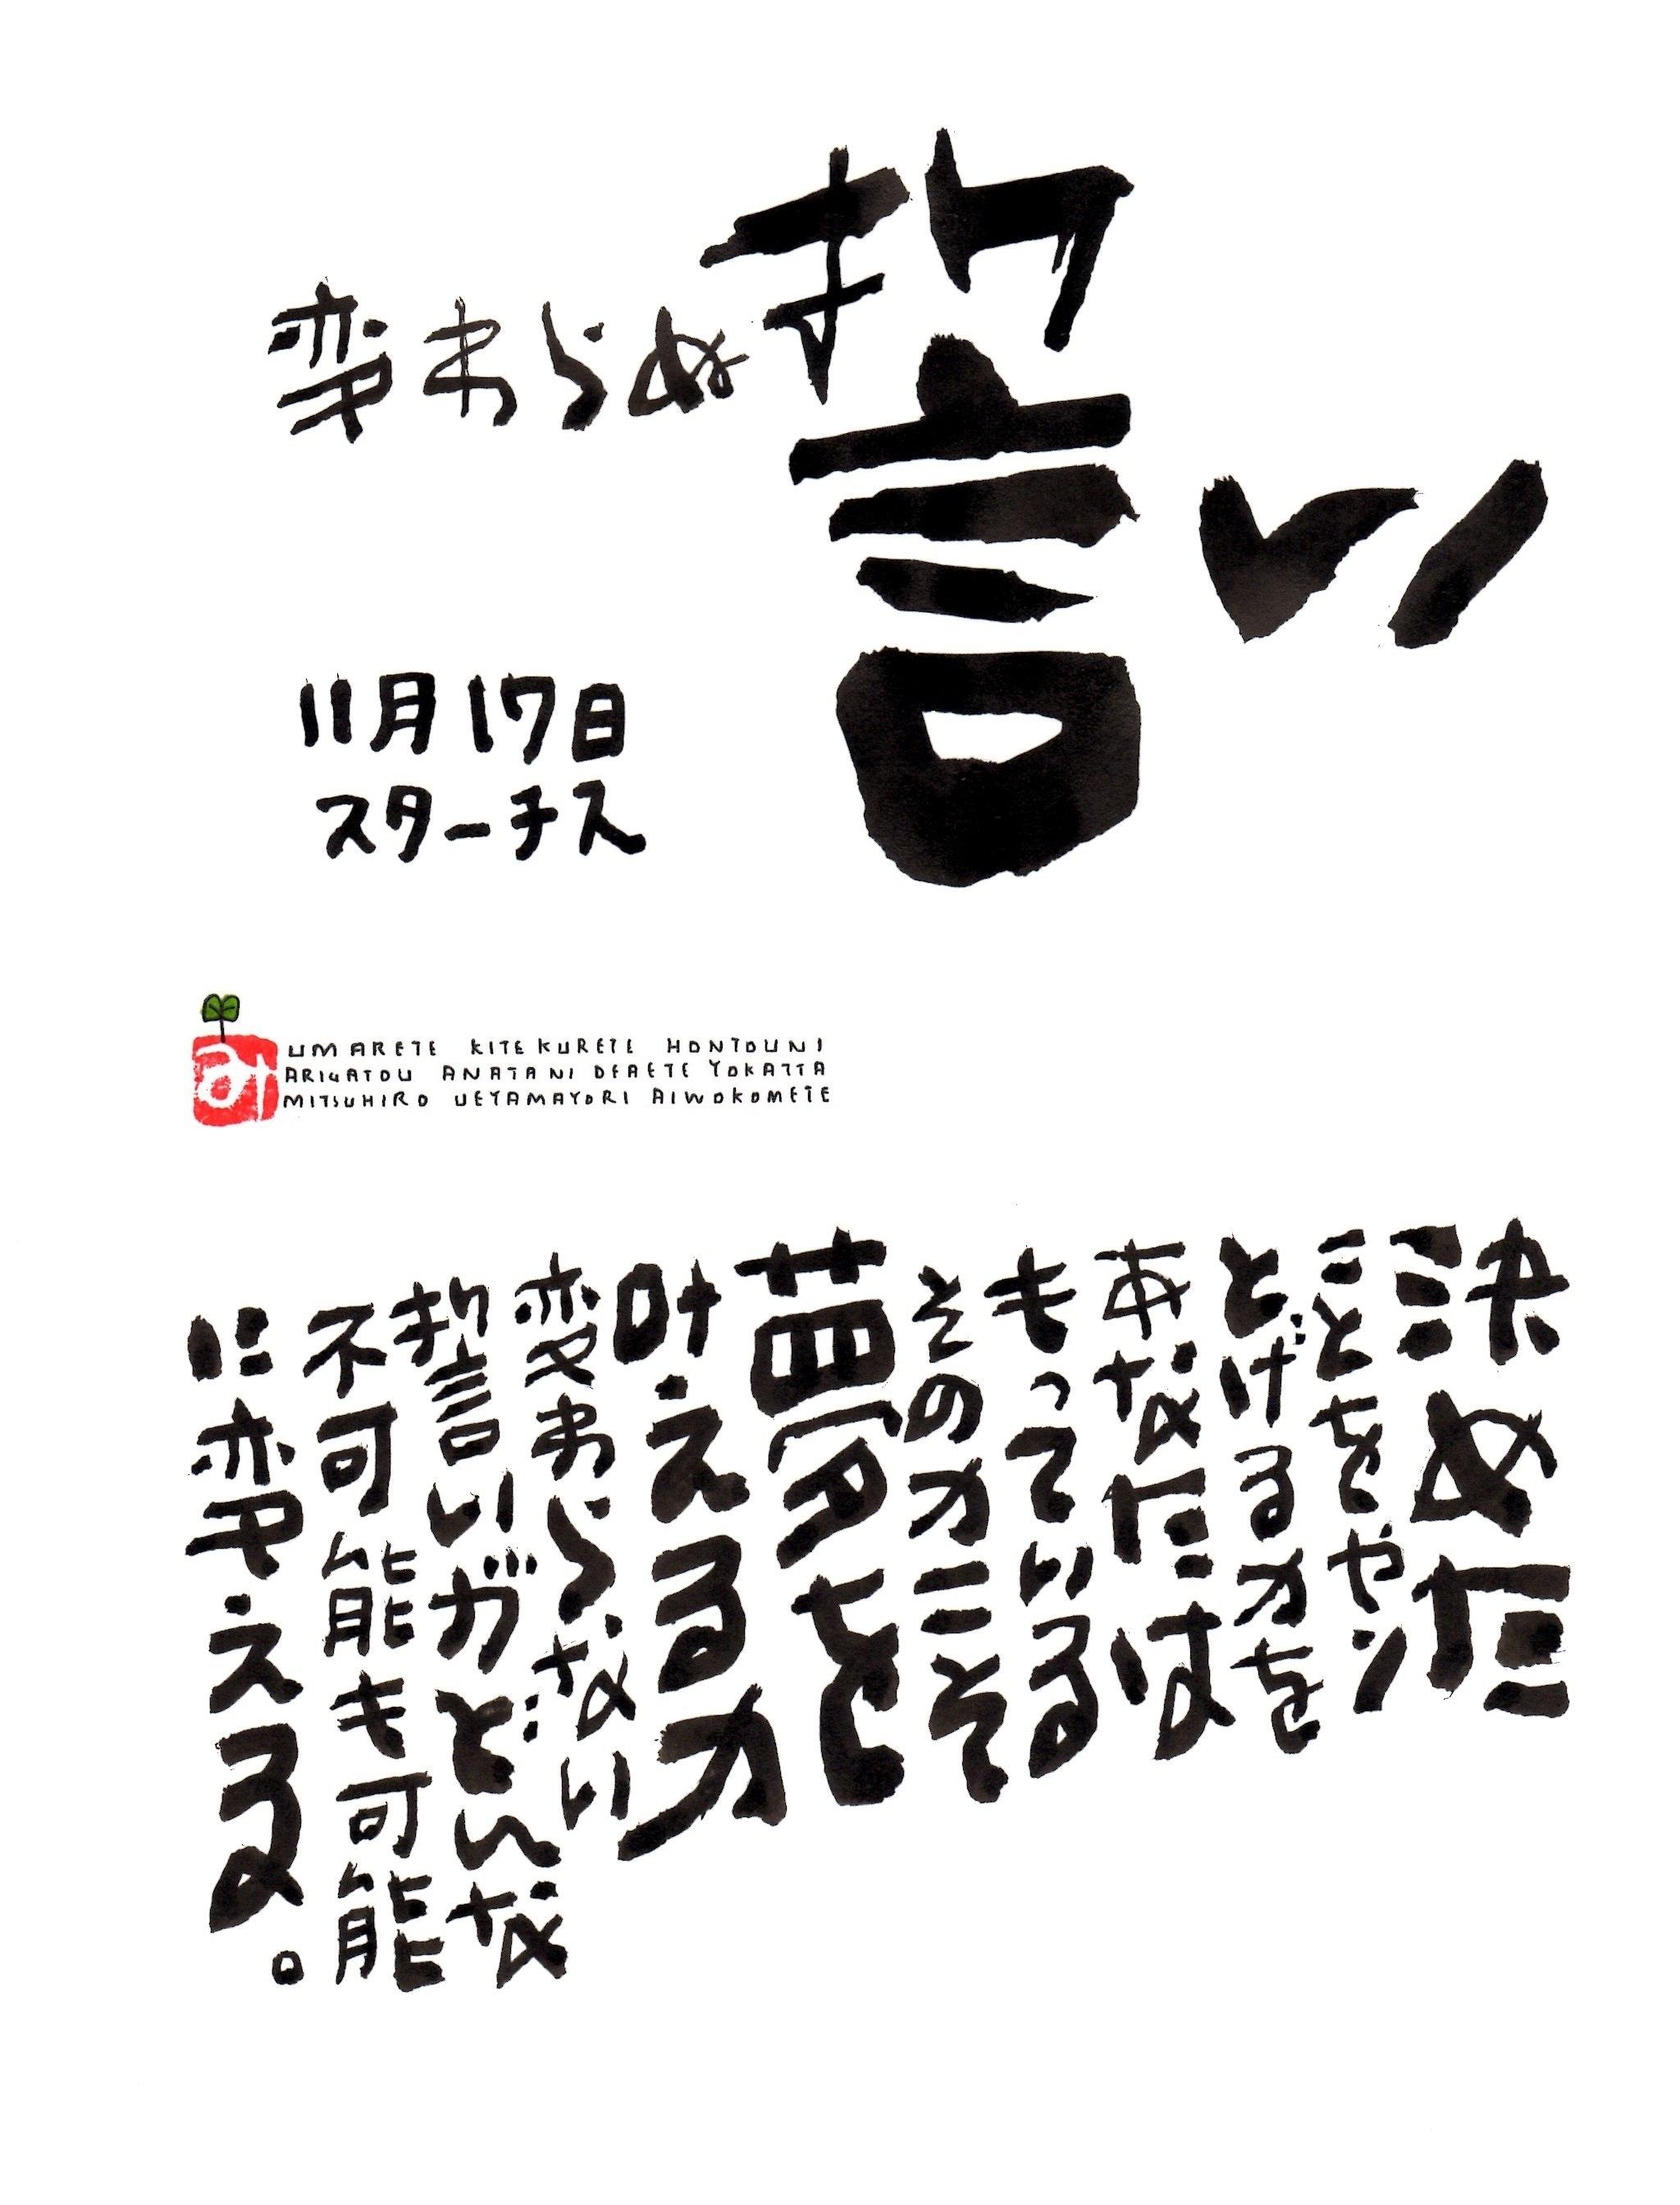 11月17日 誕生日ポストカード【変わらぬ誓い】An unchanging vow